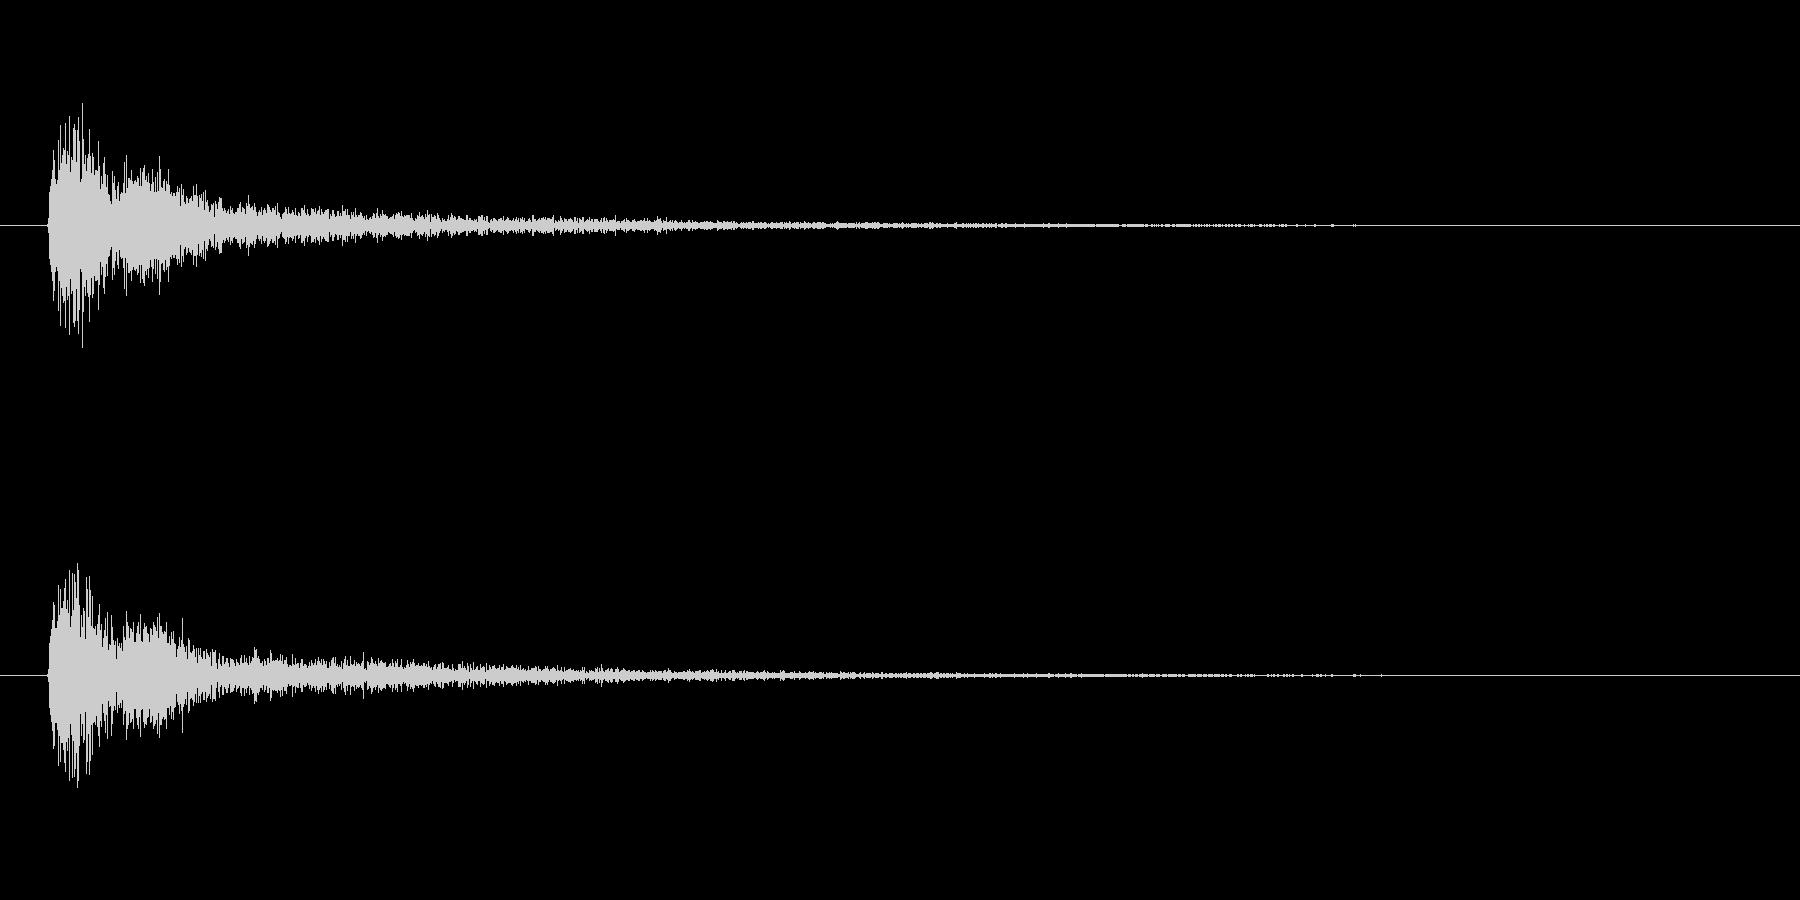 【アクセント14-4】の未再生の波形